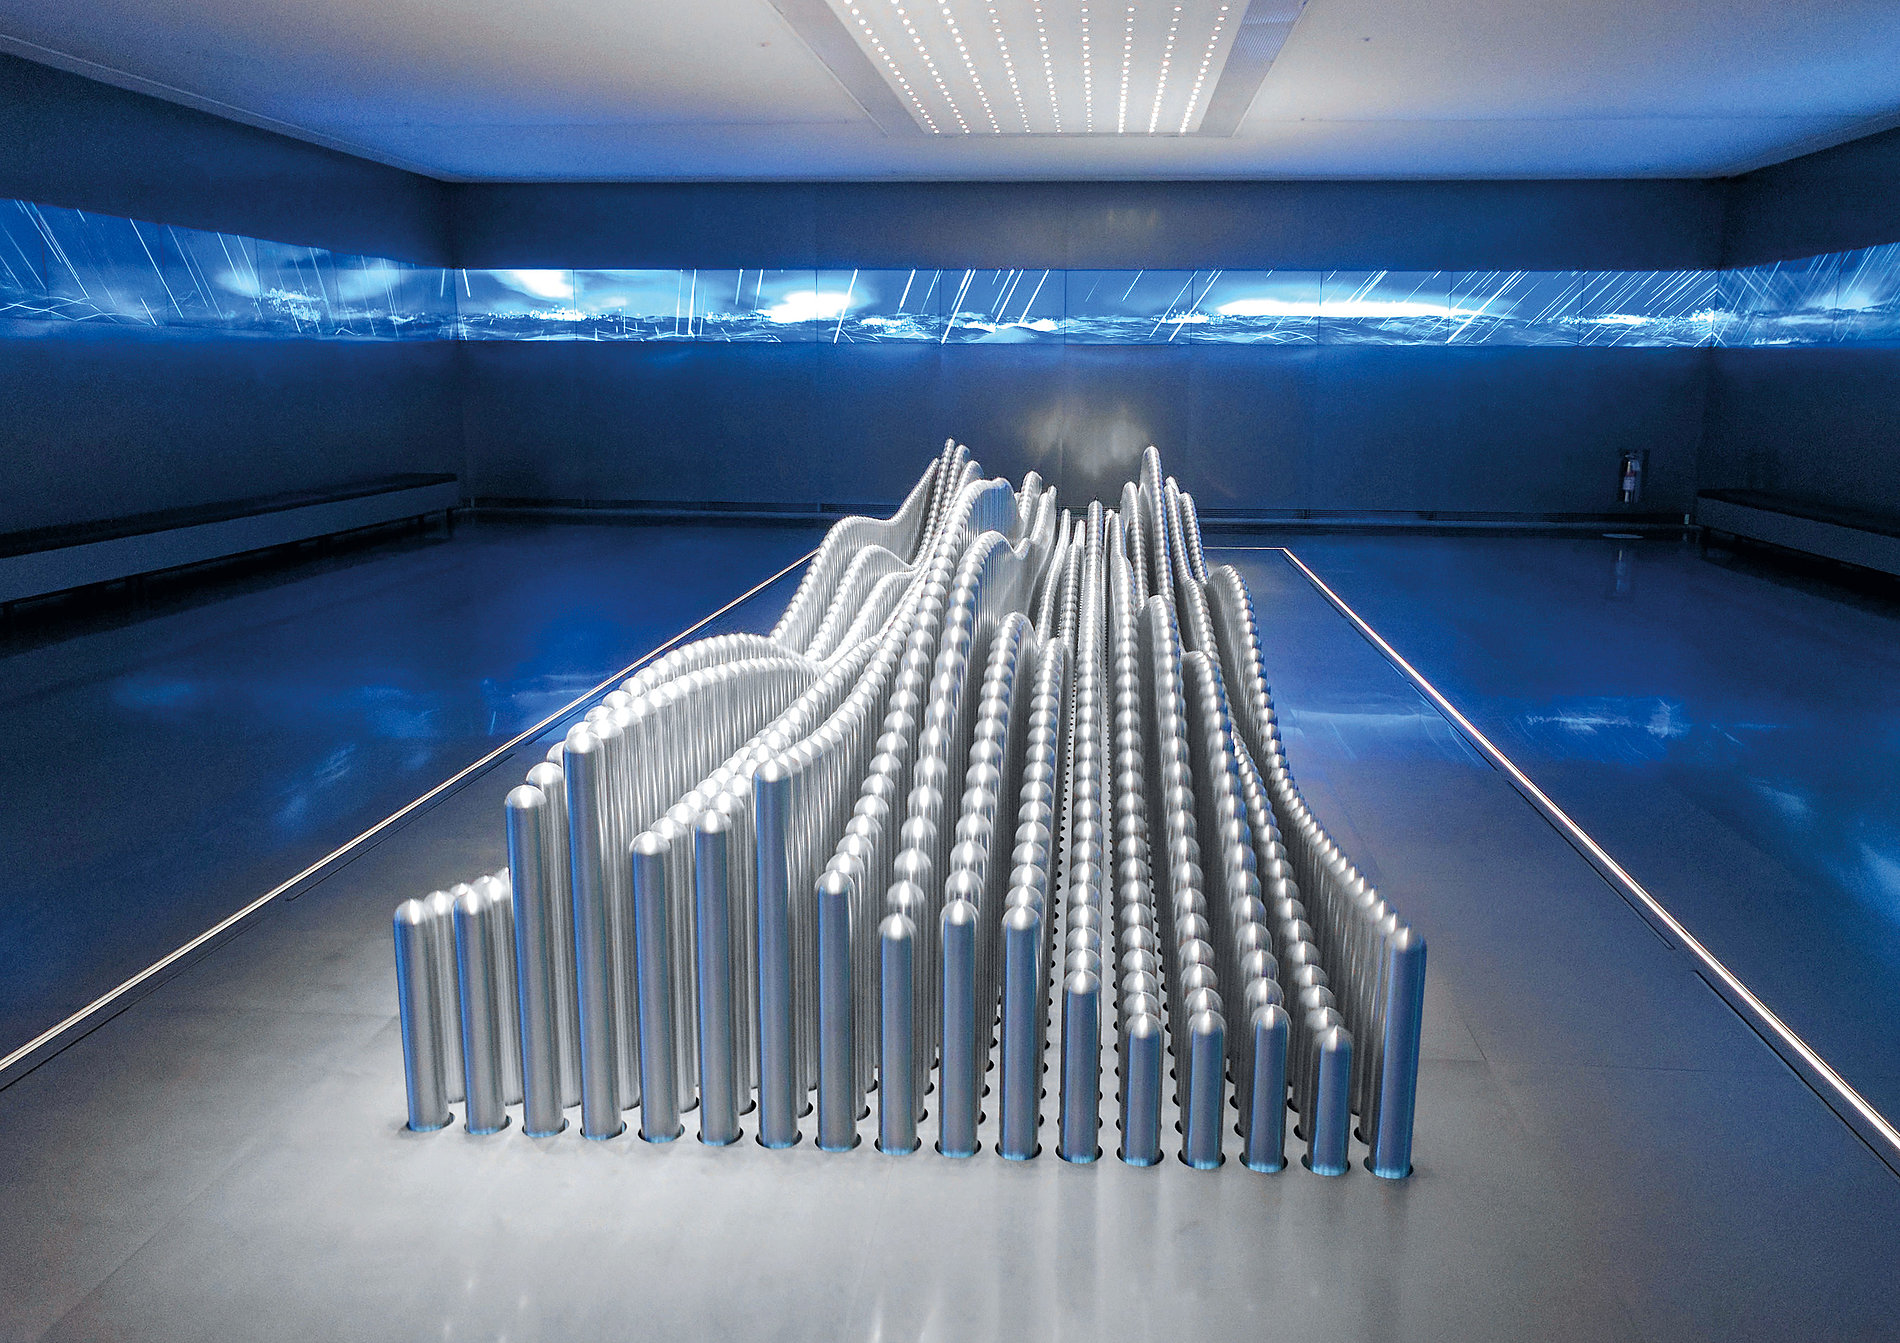 Hyundai Motorstudio Goyang – Kinetic Sculpture | Red Dot Design Award